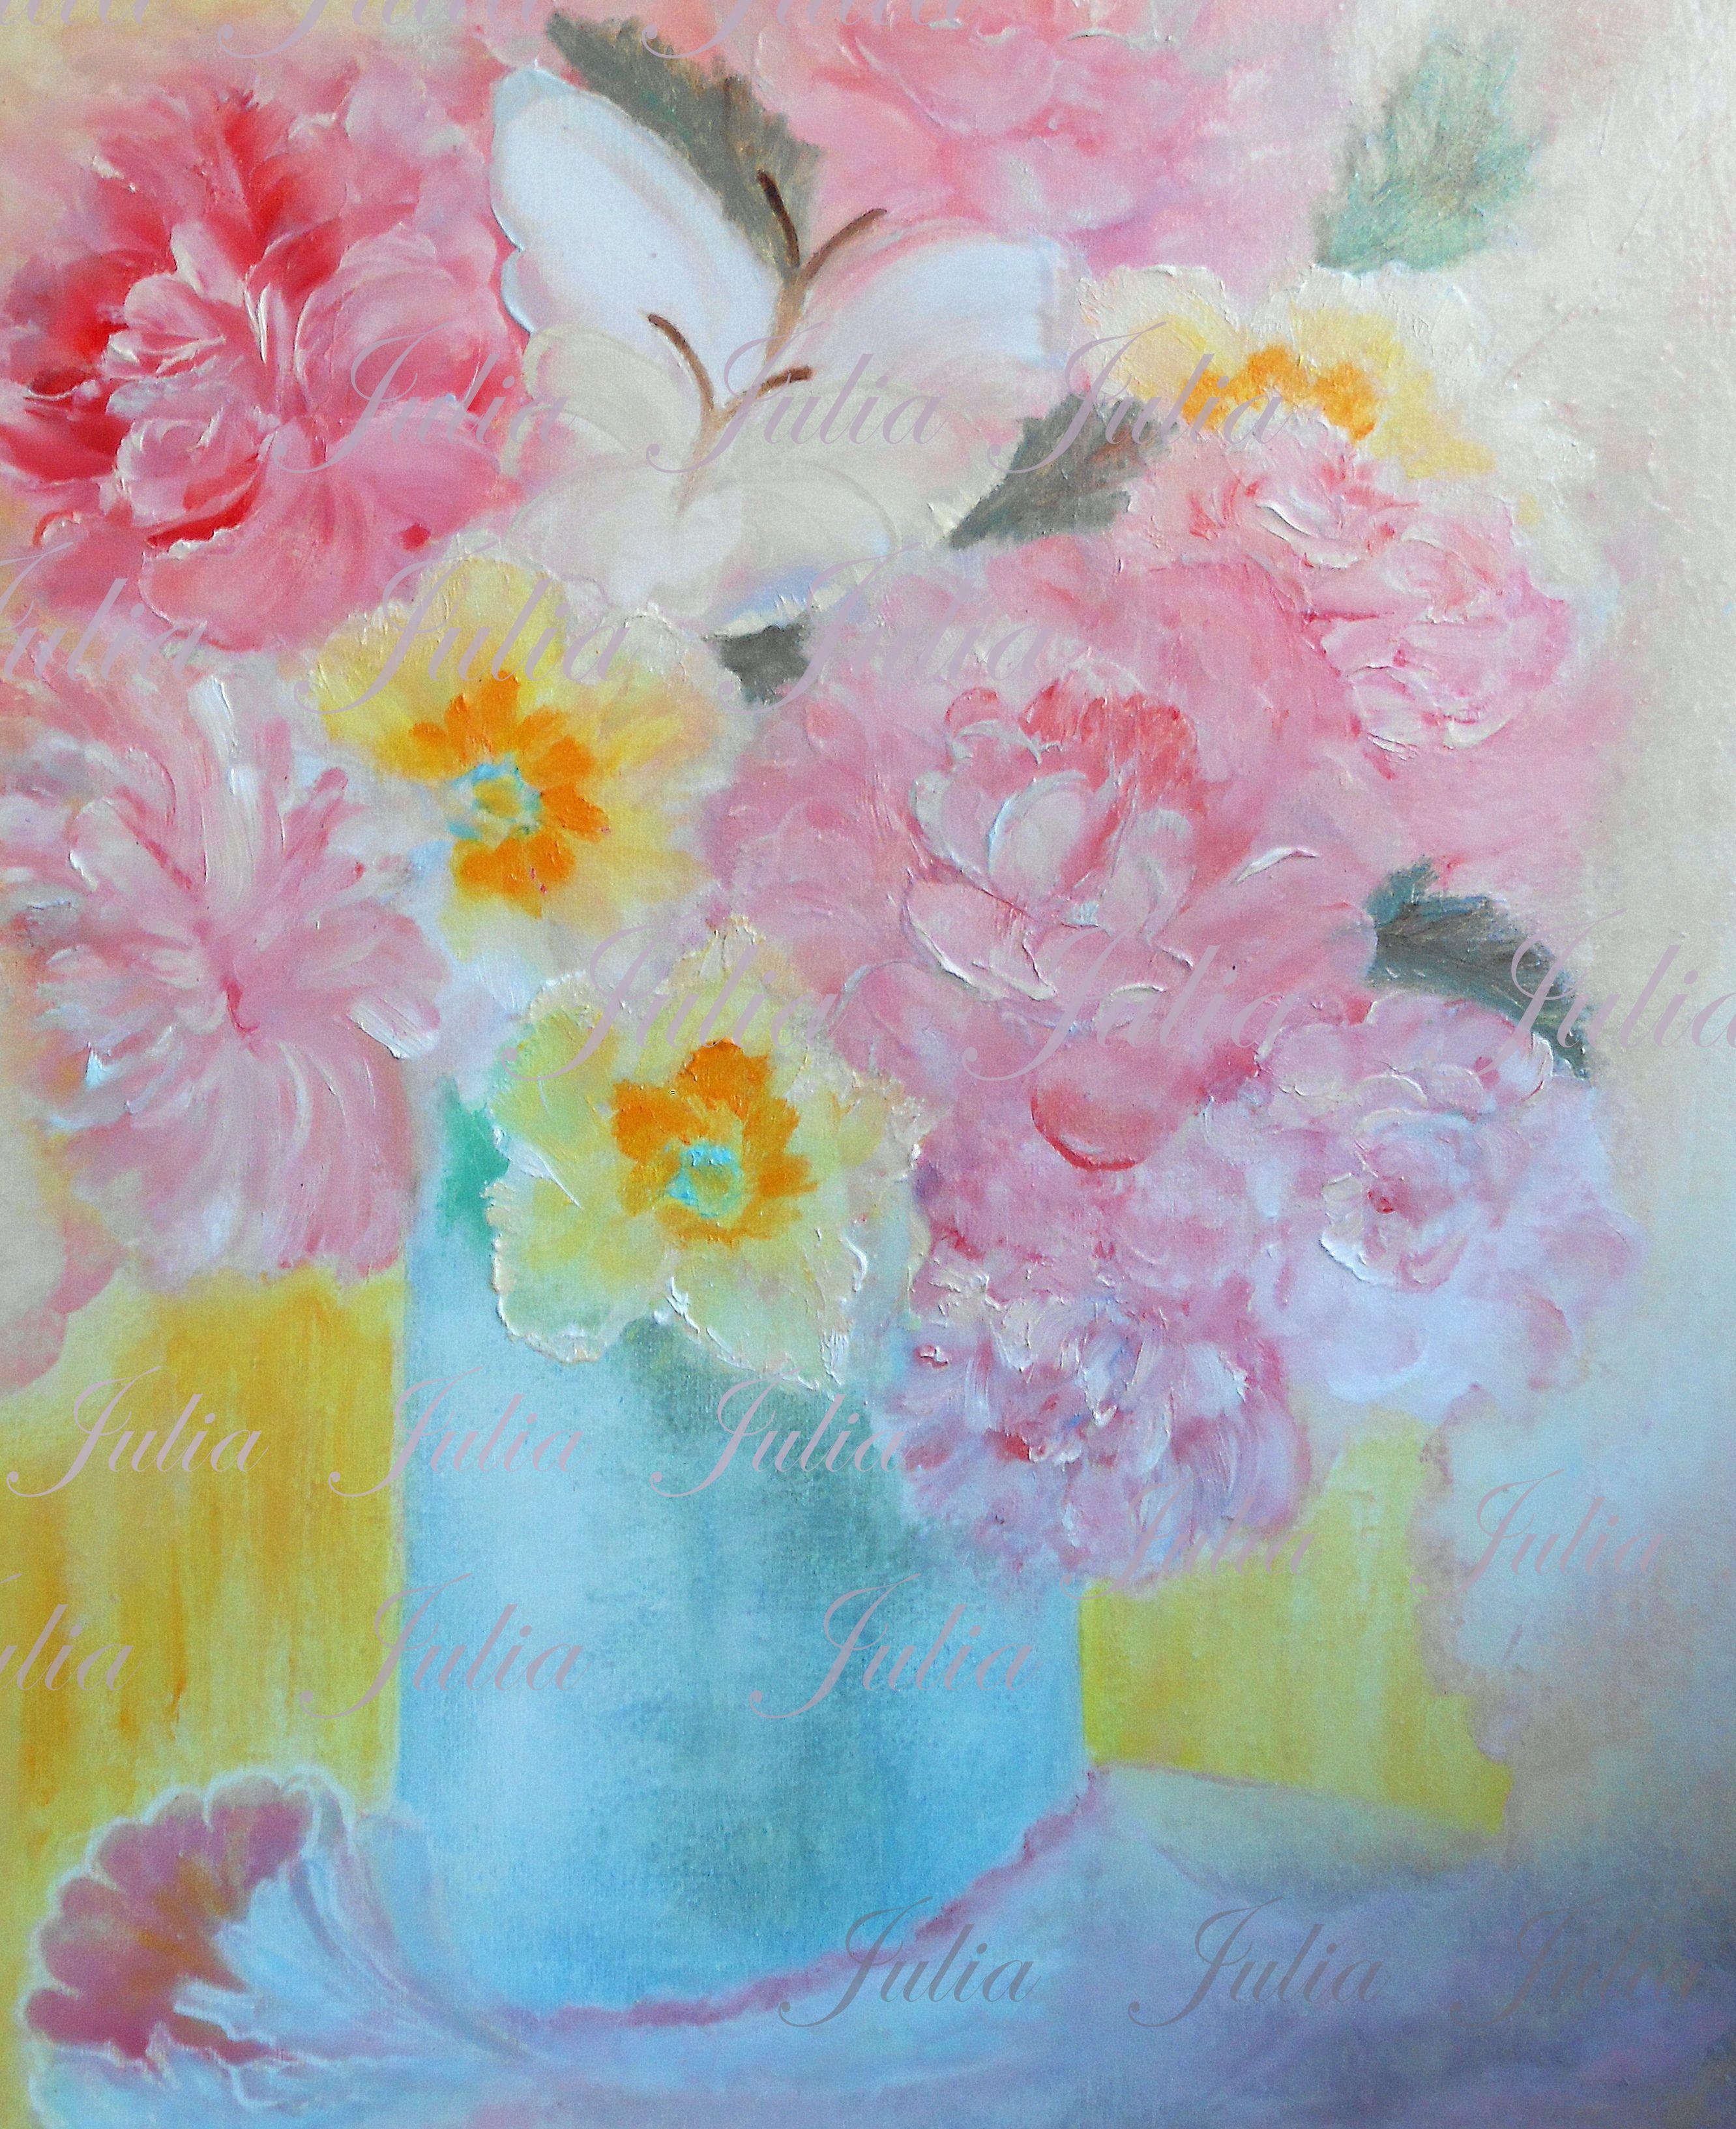 картина масло работа свет розовый ручная живопись бабочки цветы